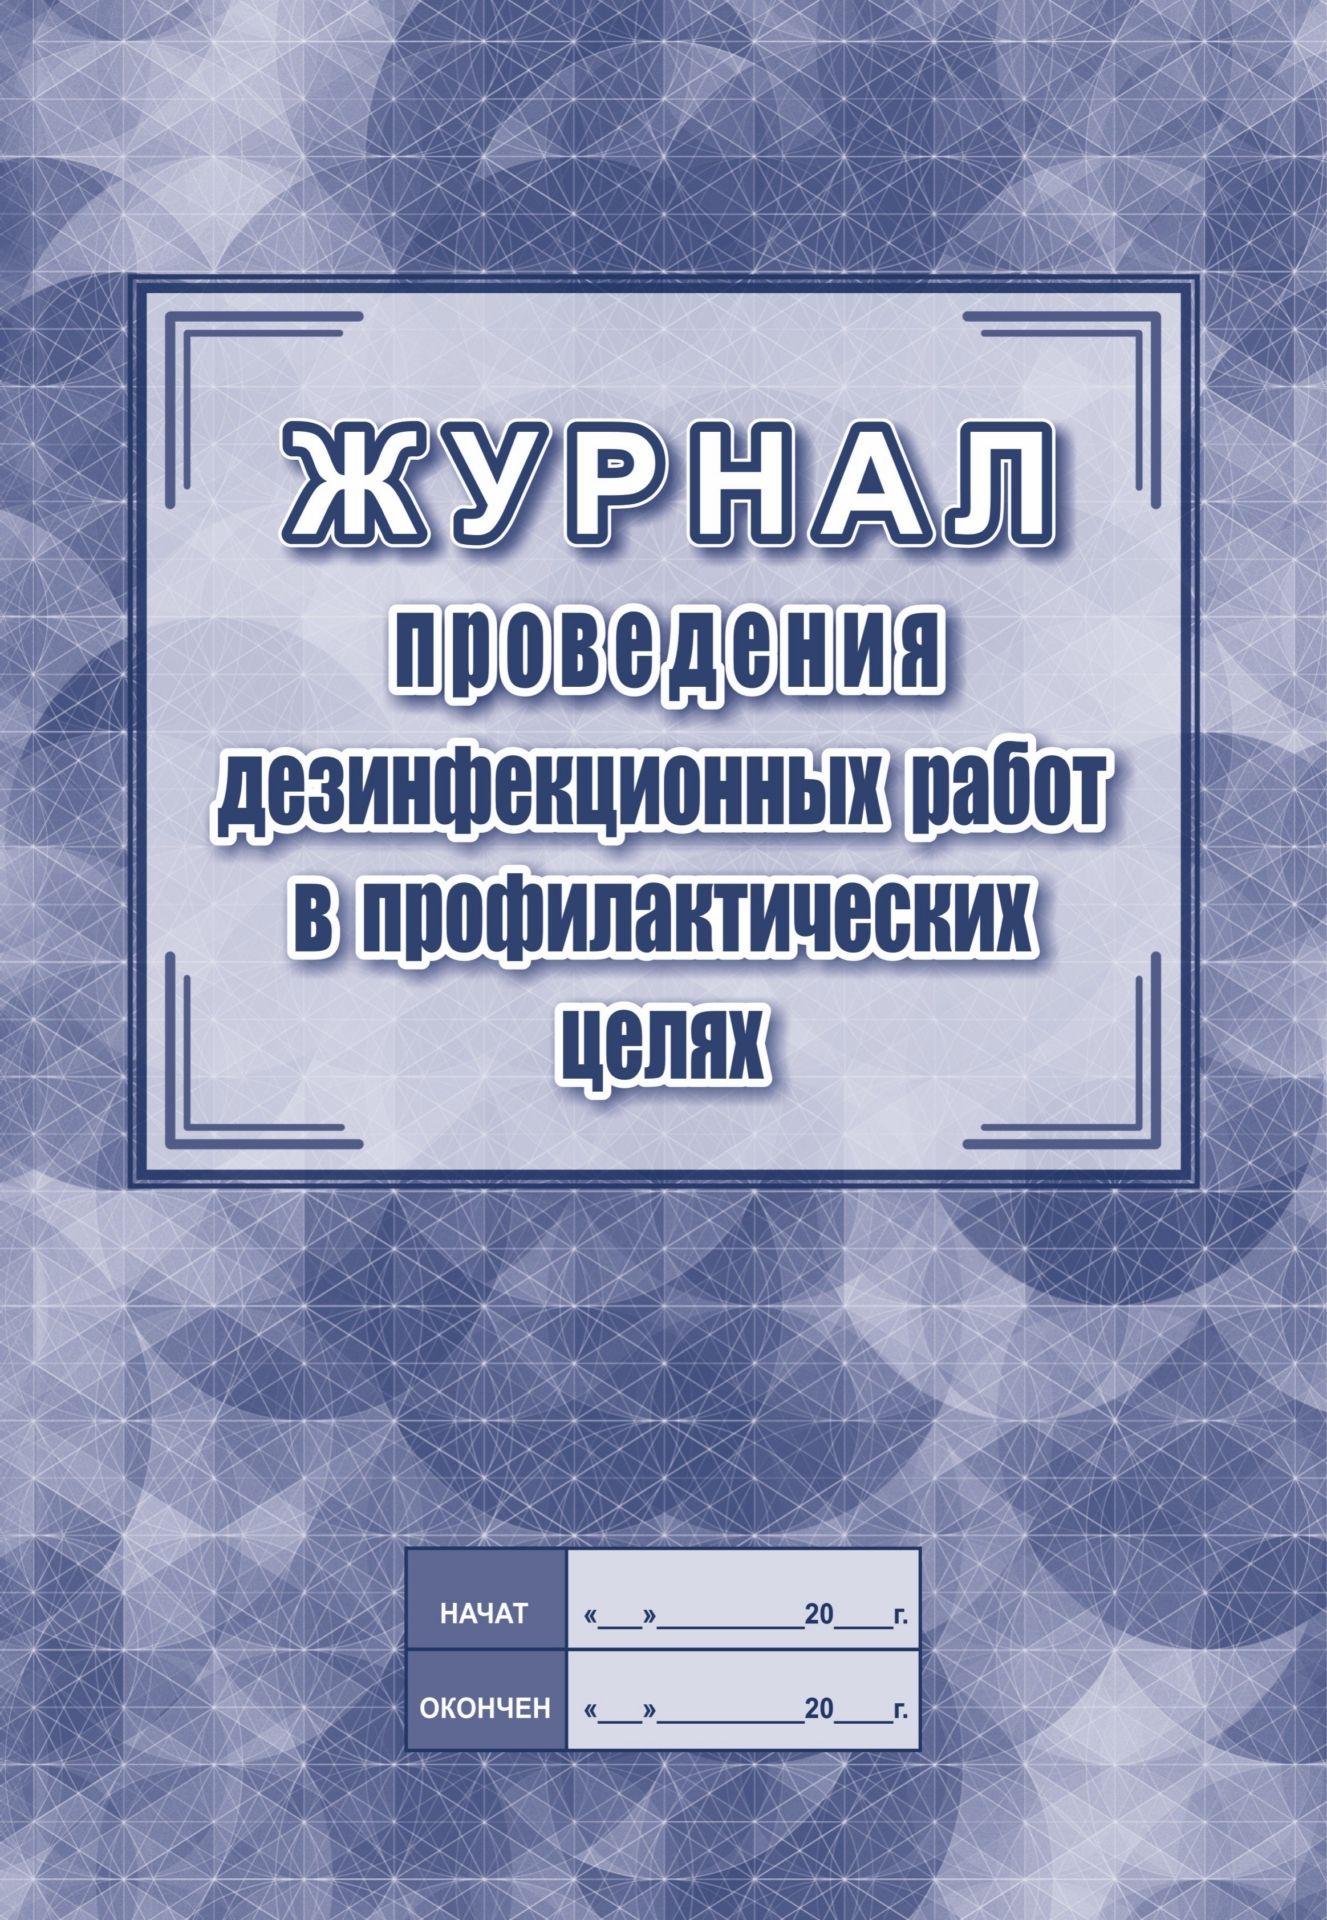 Журнал проведения дезинфекционных работ в профилактических целях